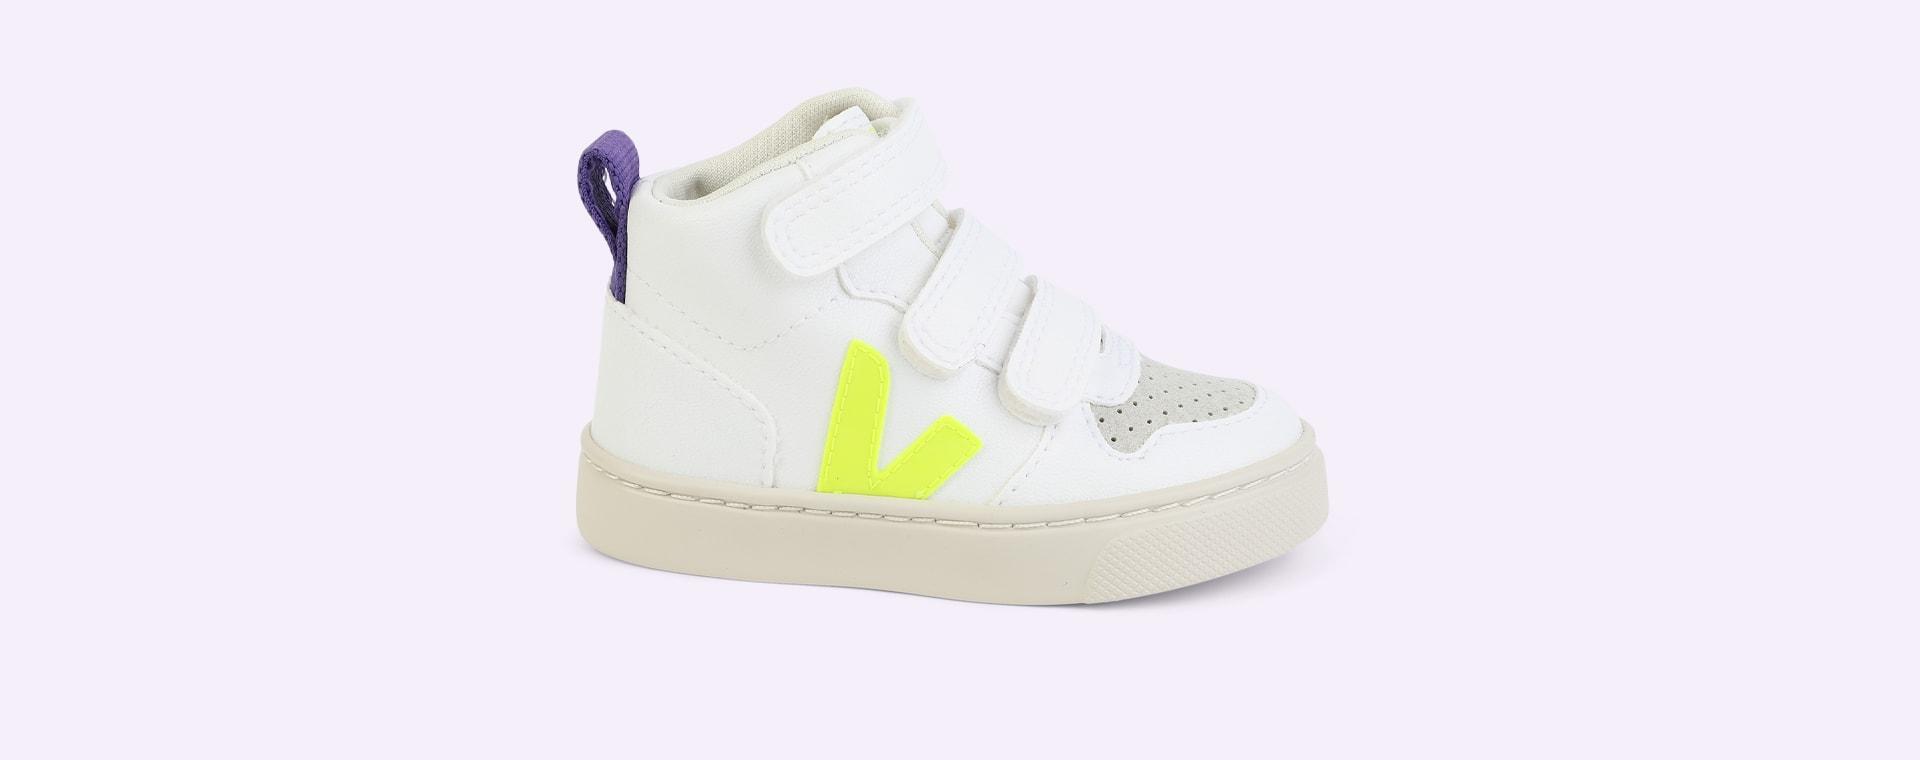 White Jaune-Fluo Purple Veja V10 Mid Velcro